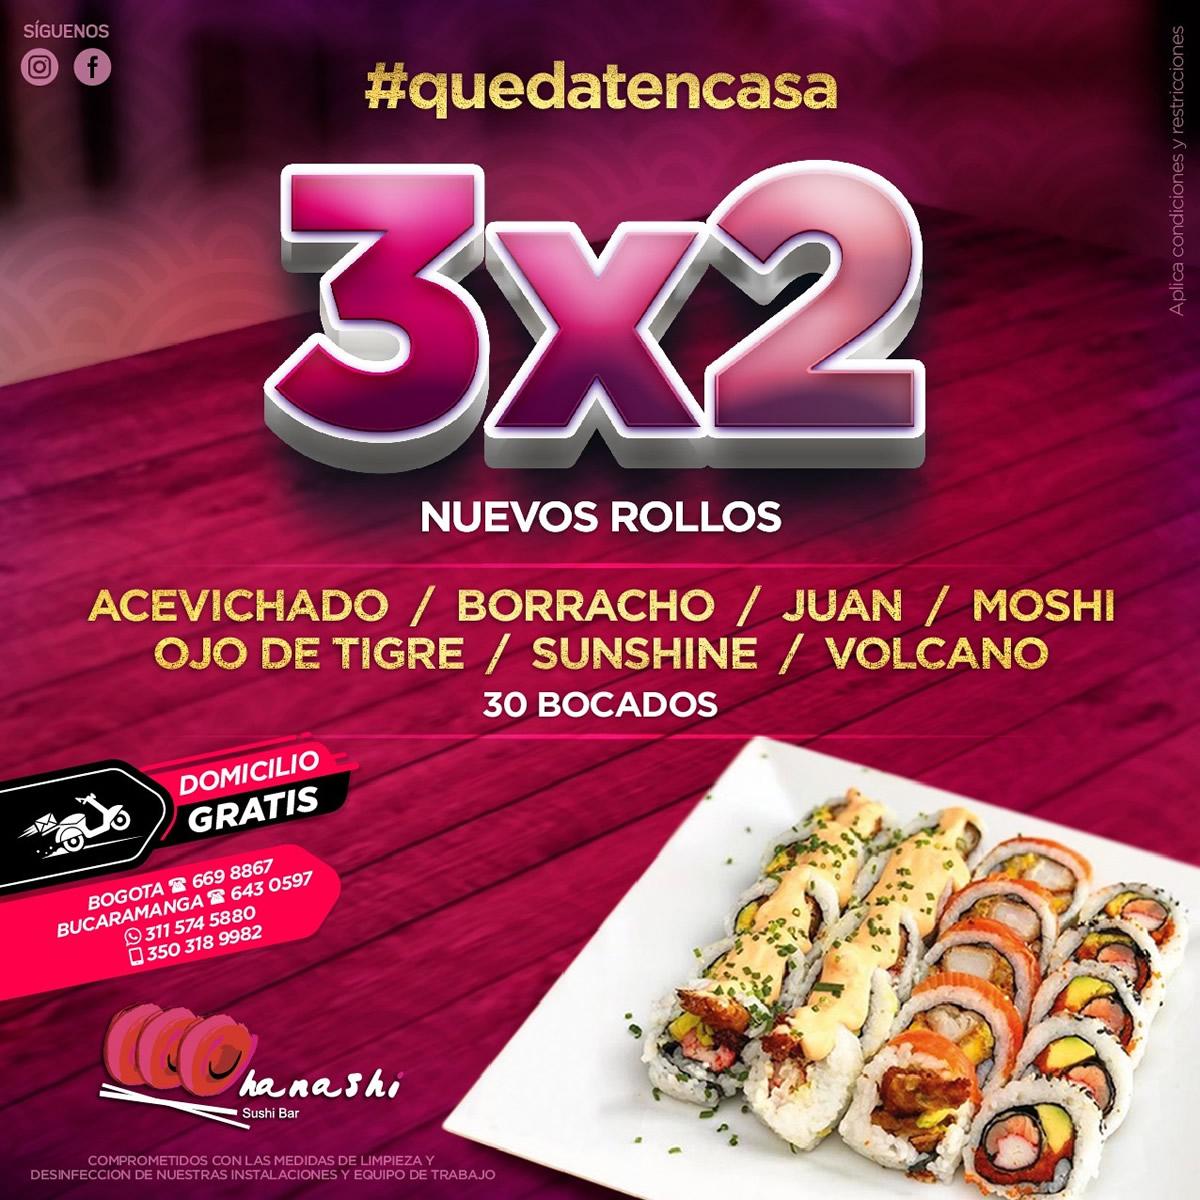 3x2 de los TOP_1